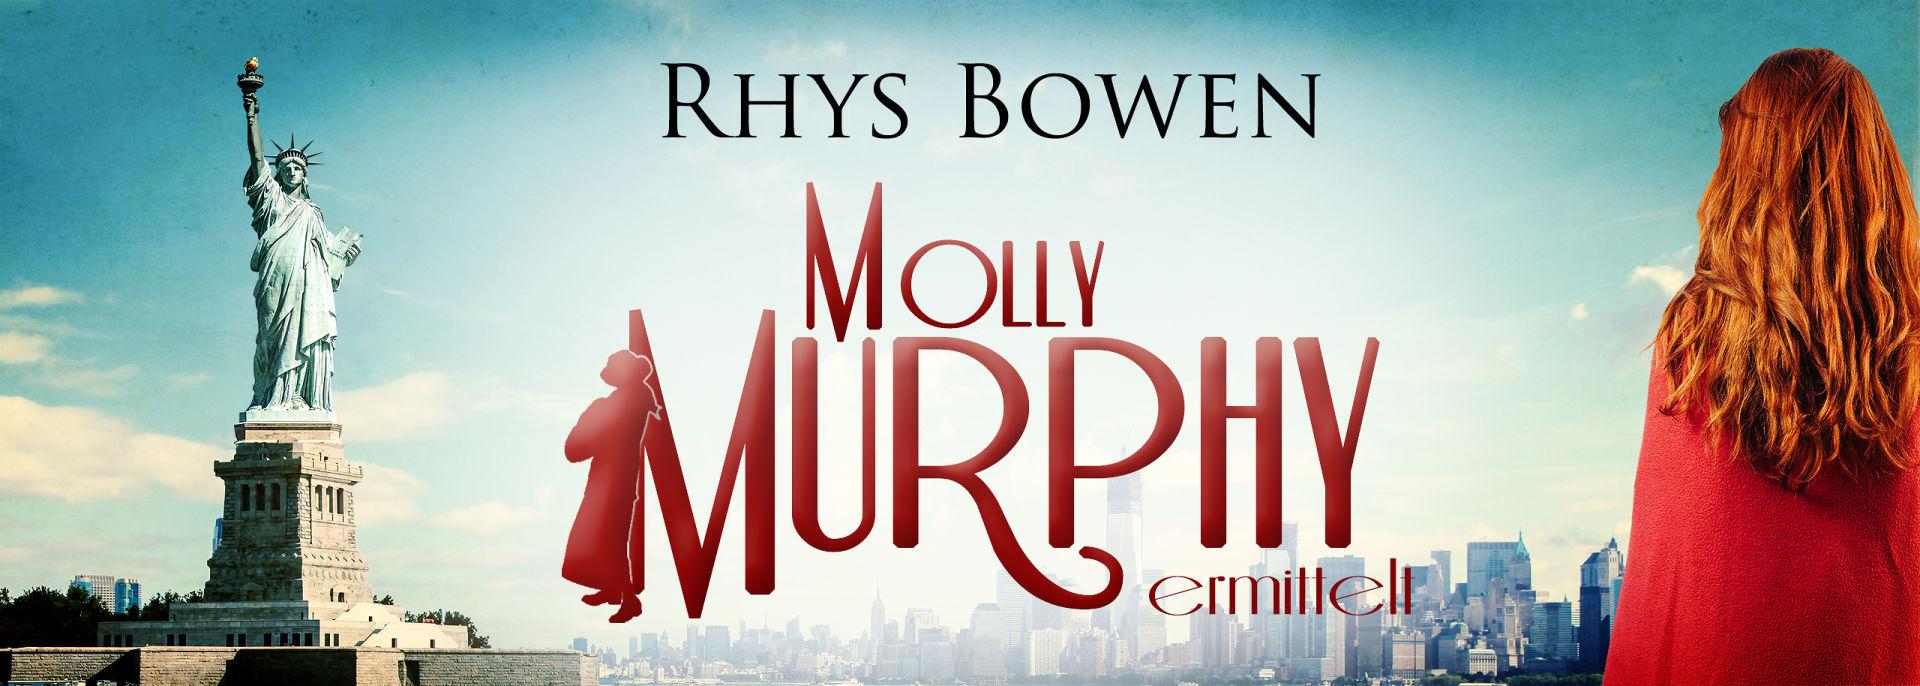 Molly Murphy ermittelt Serienteaser